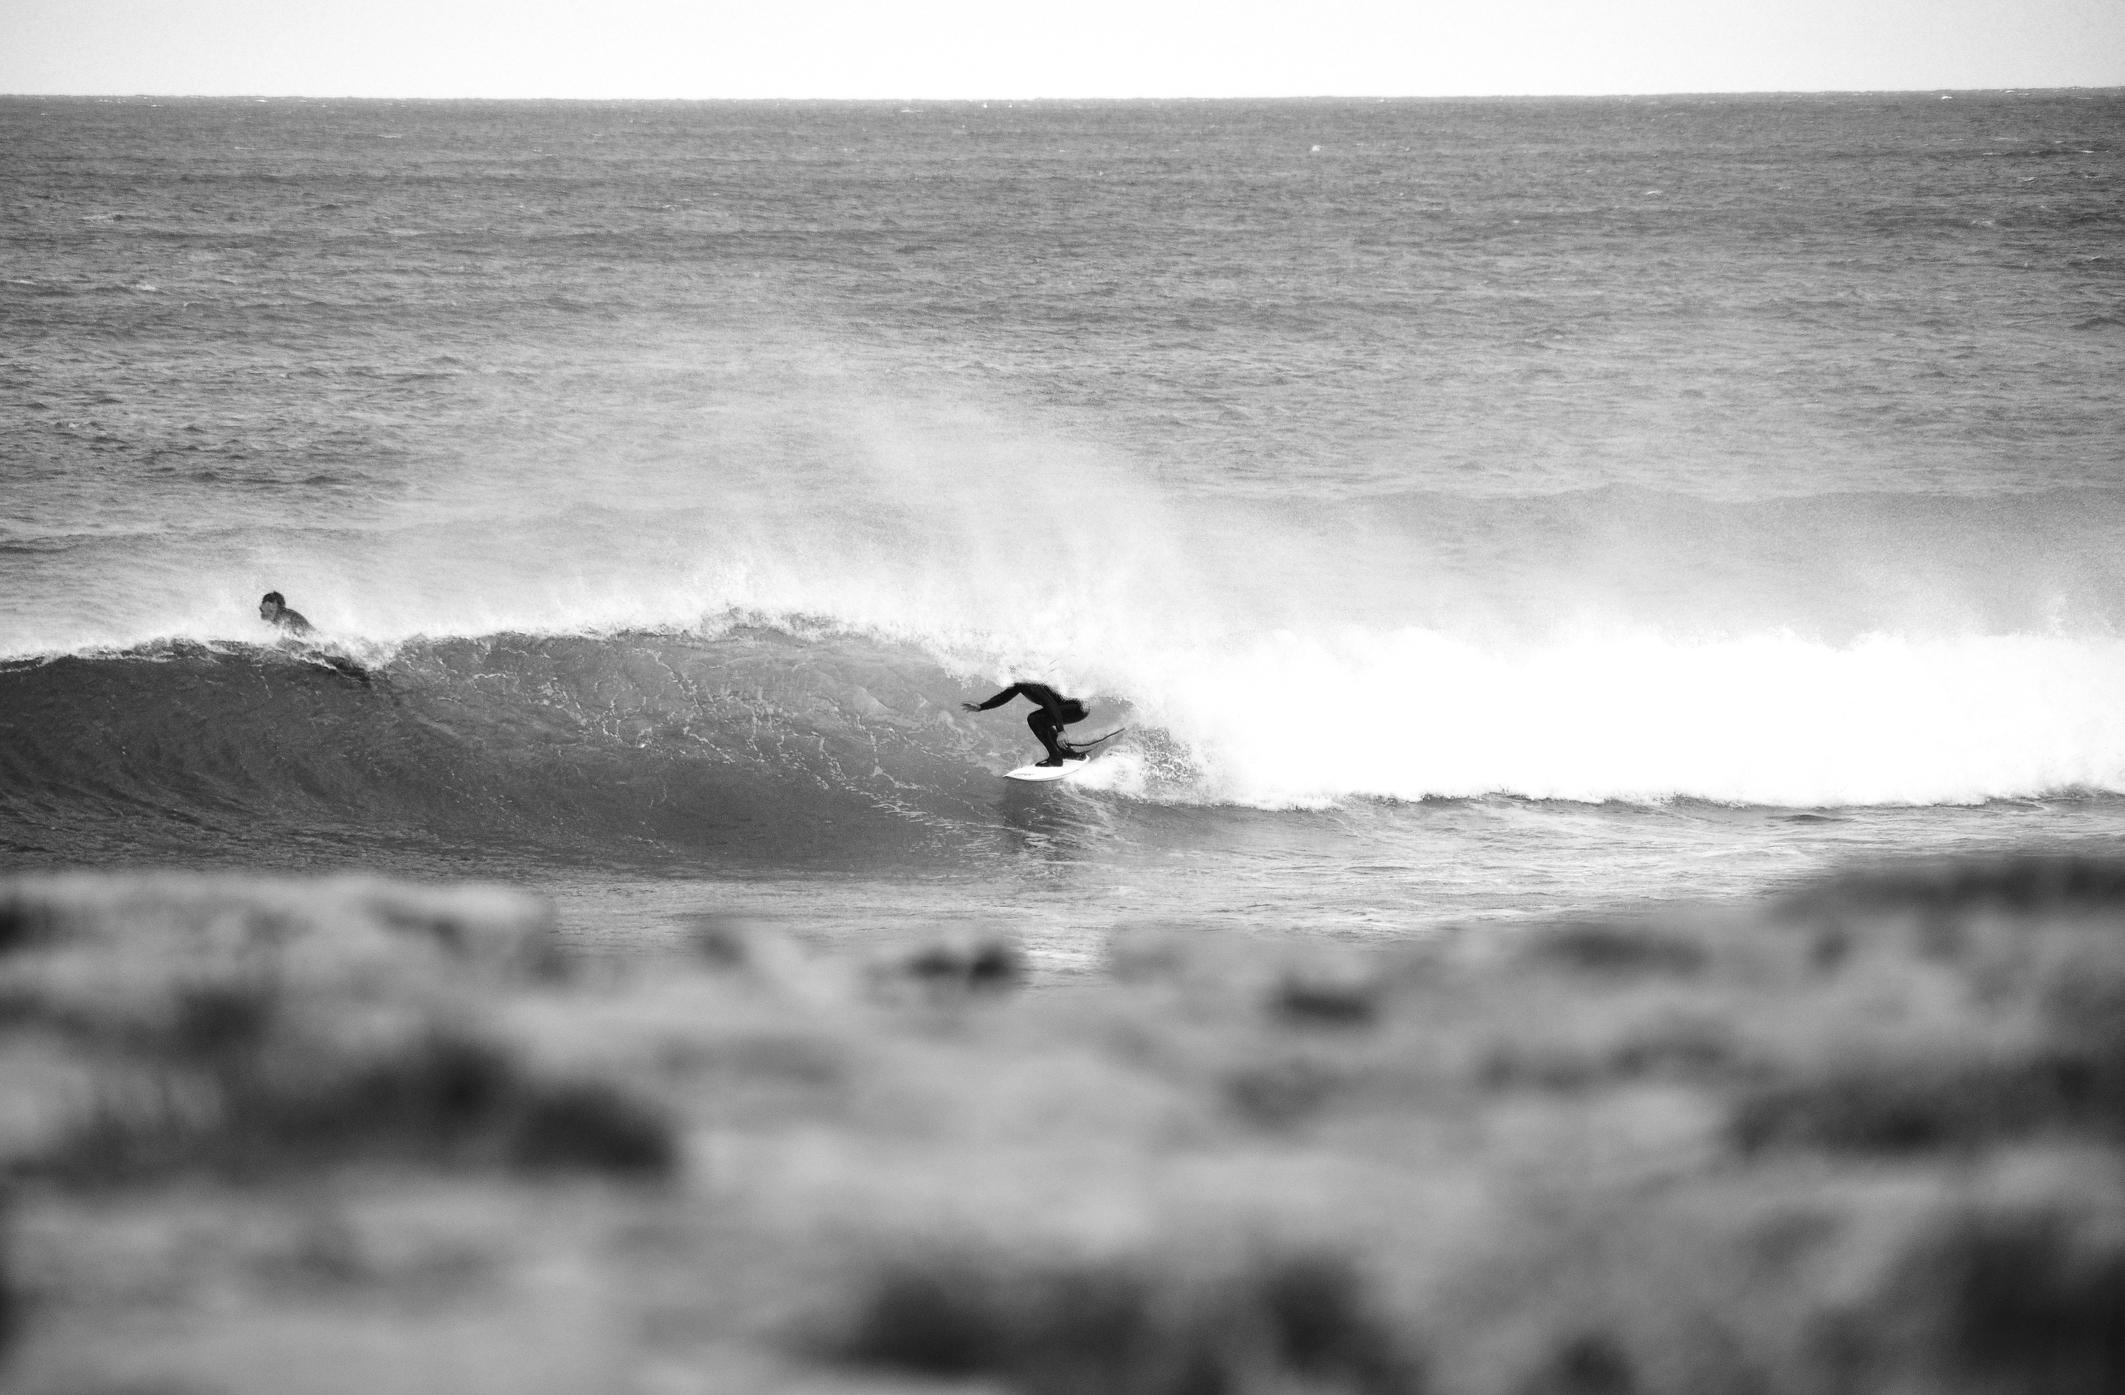 surfer_tube_cactus